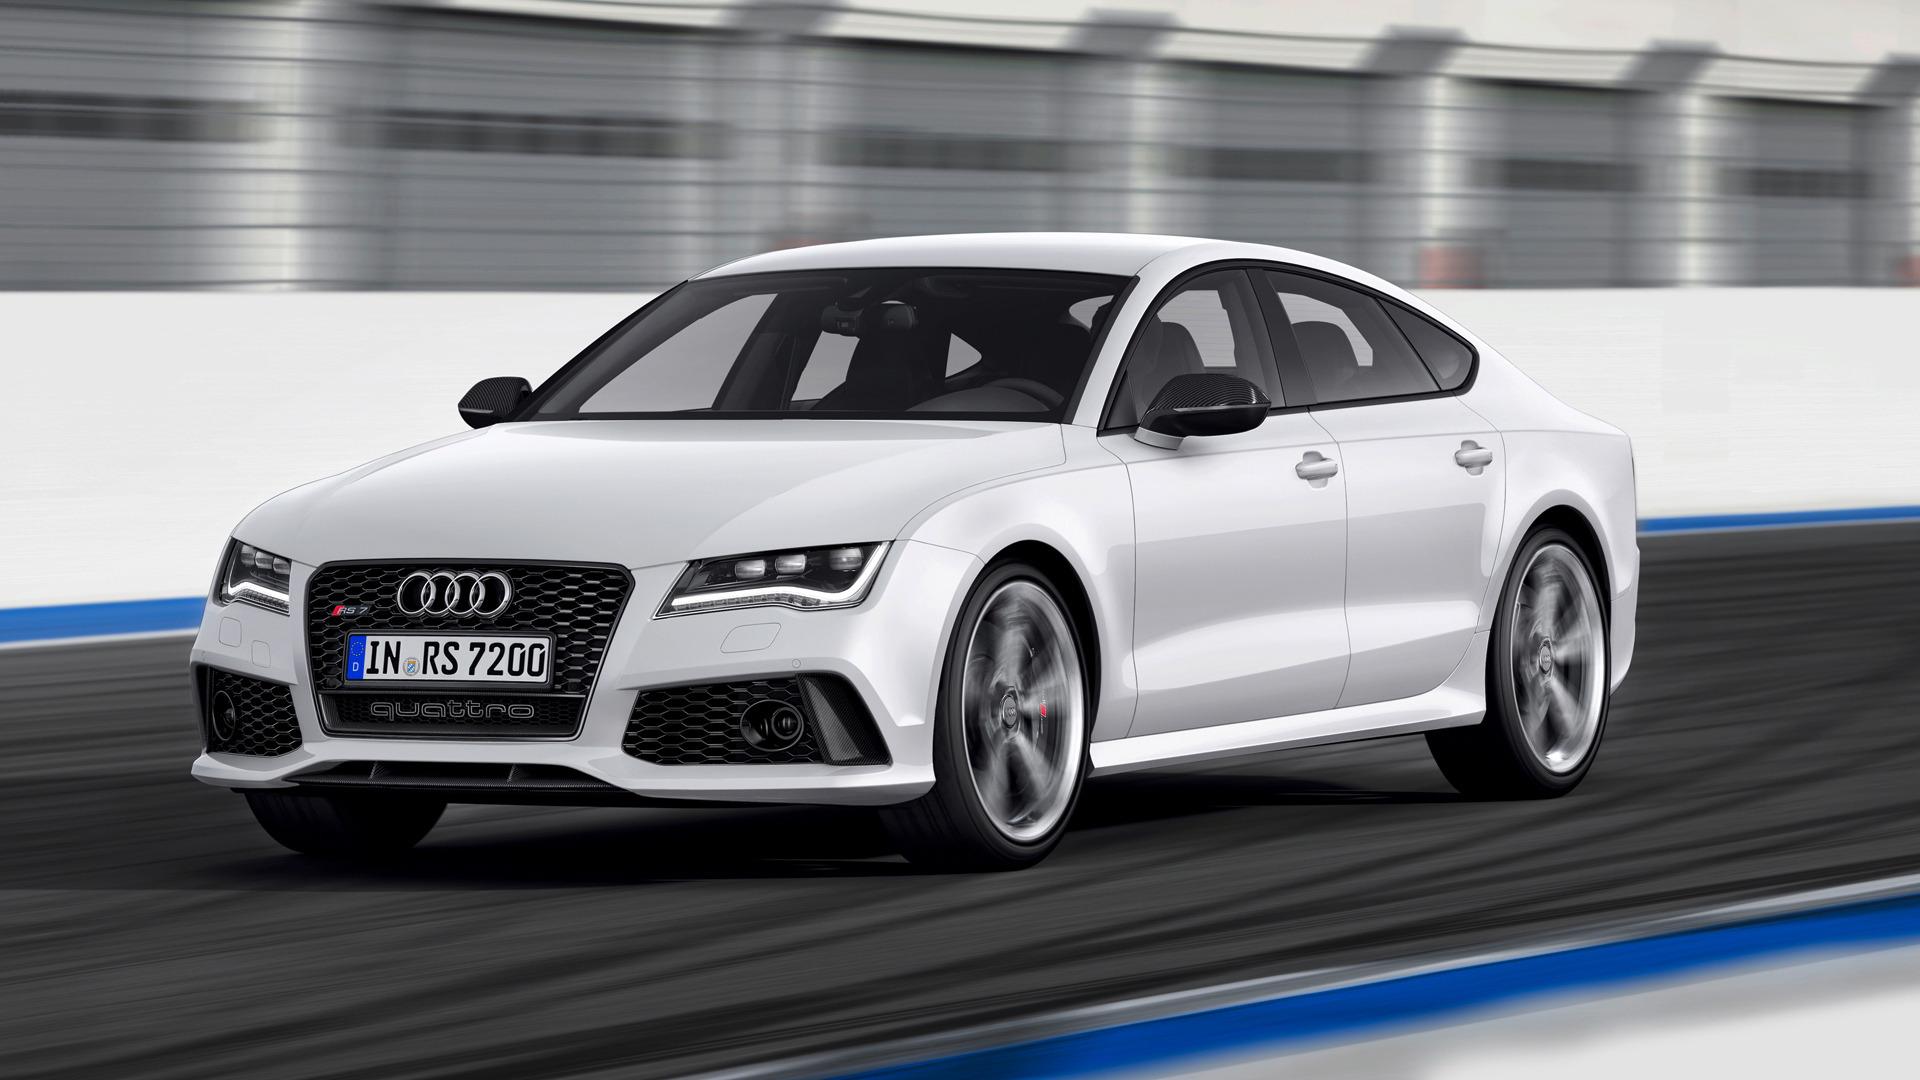 Luxury Vehicle: Audi Rs7 Quattro